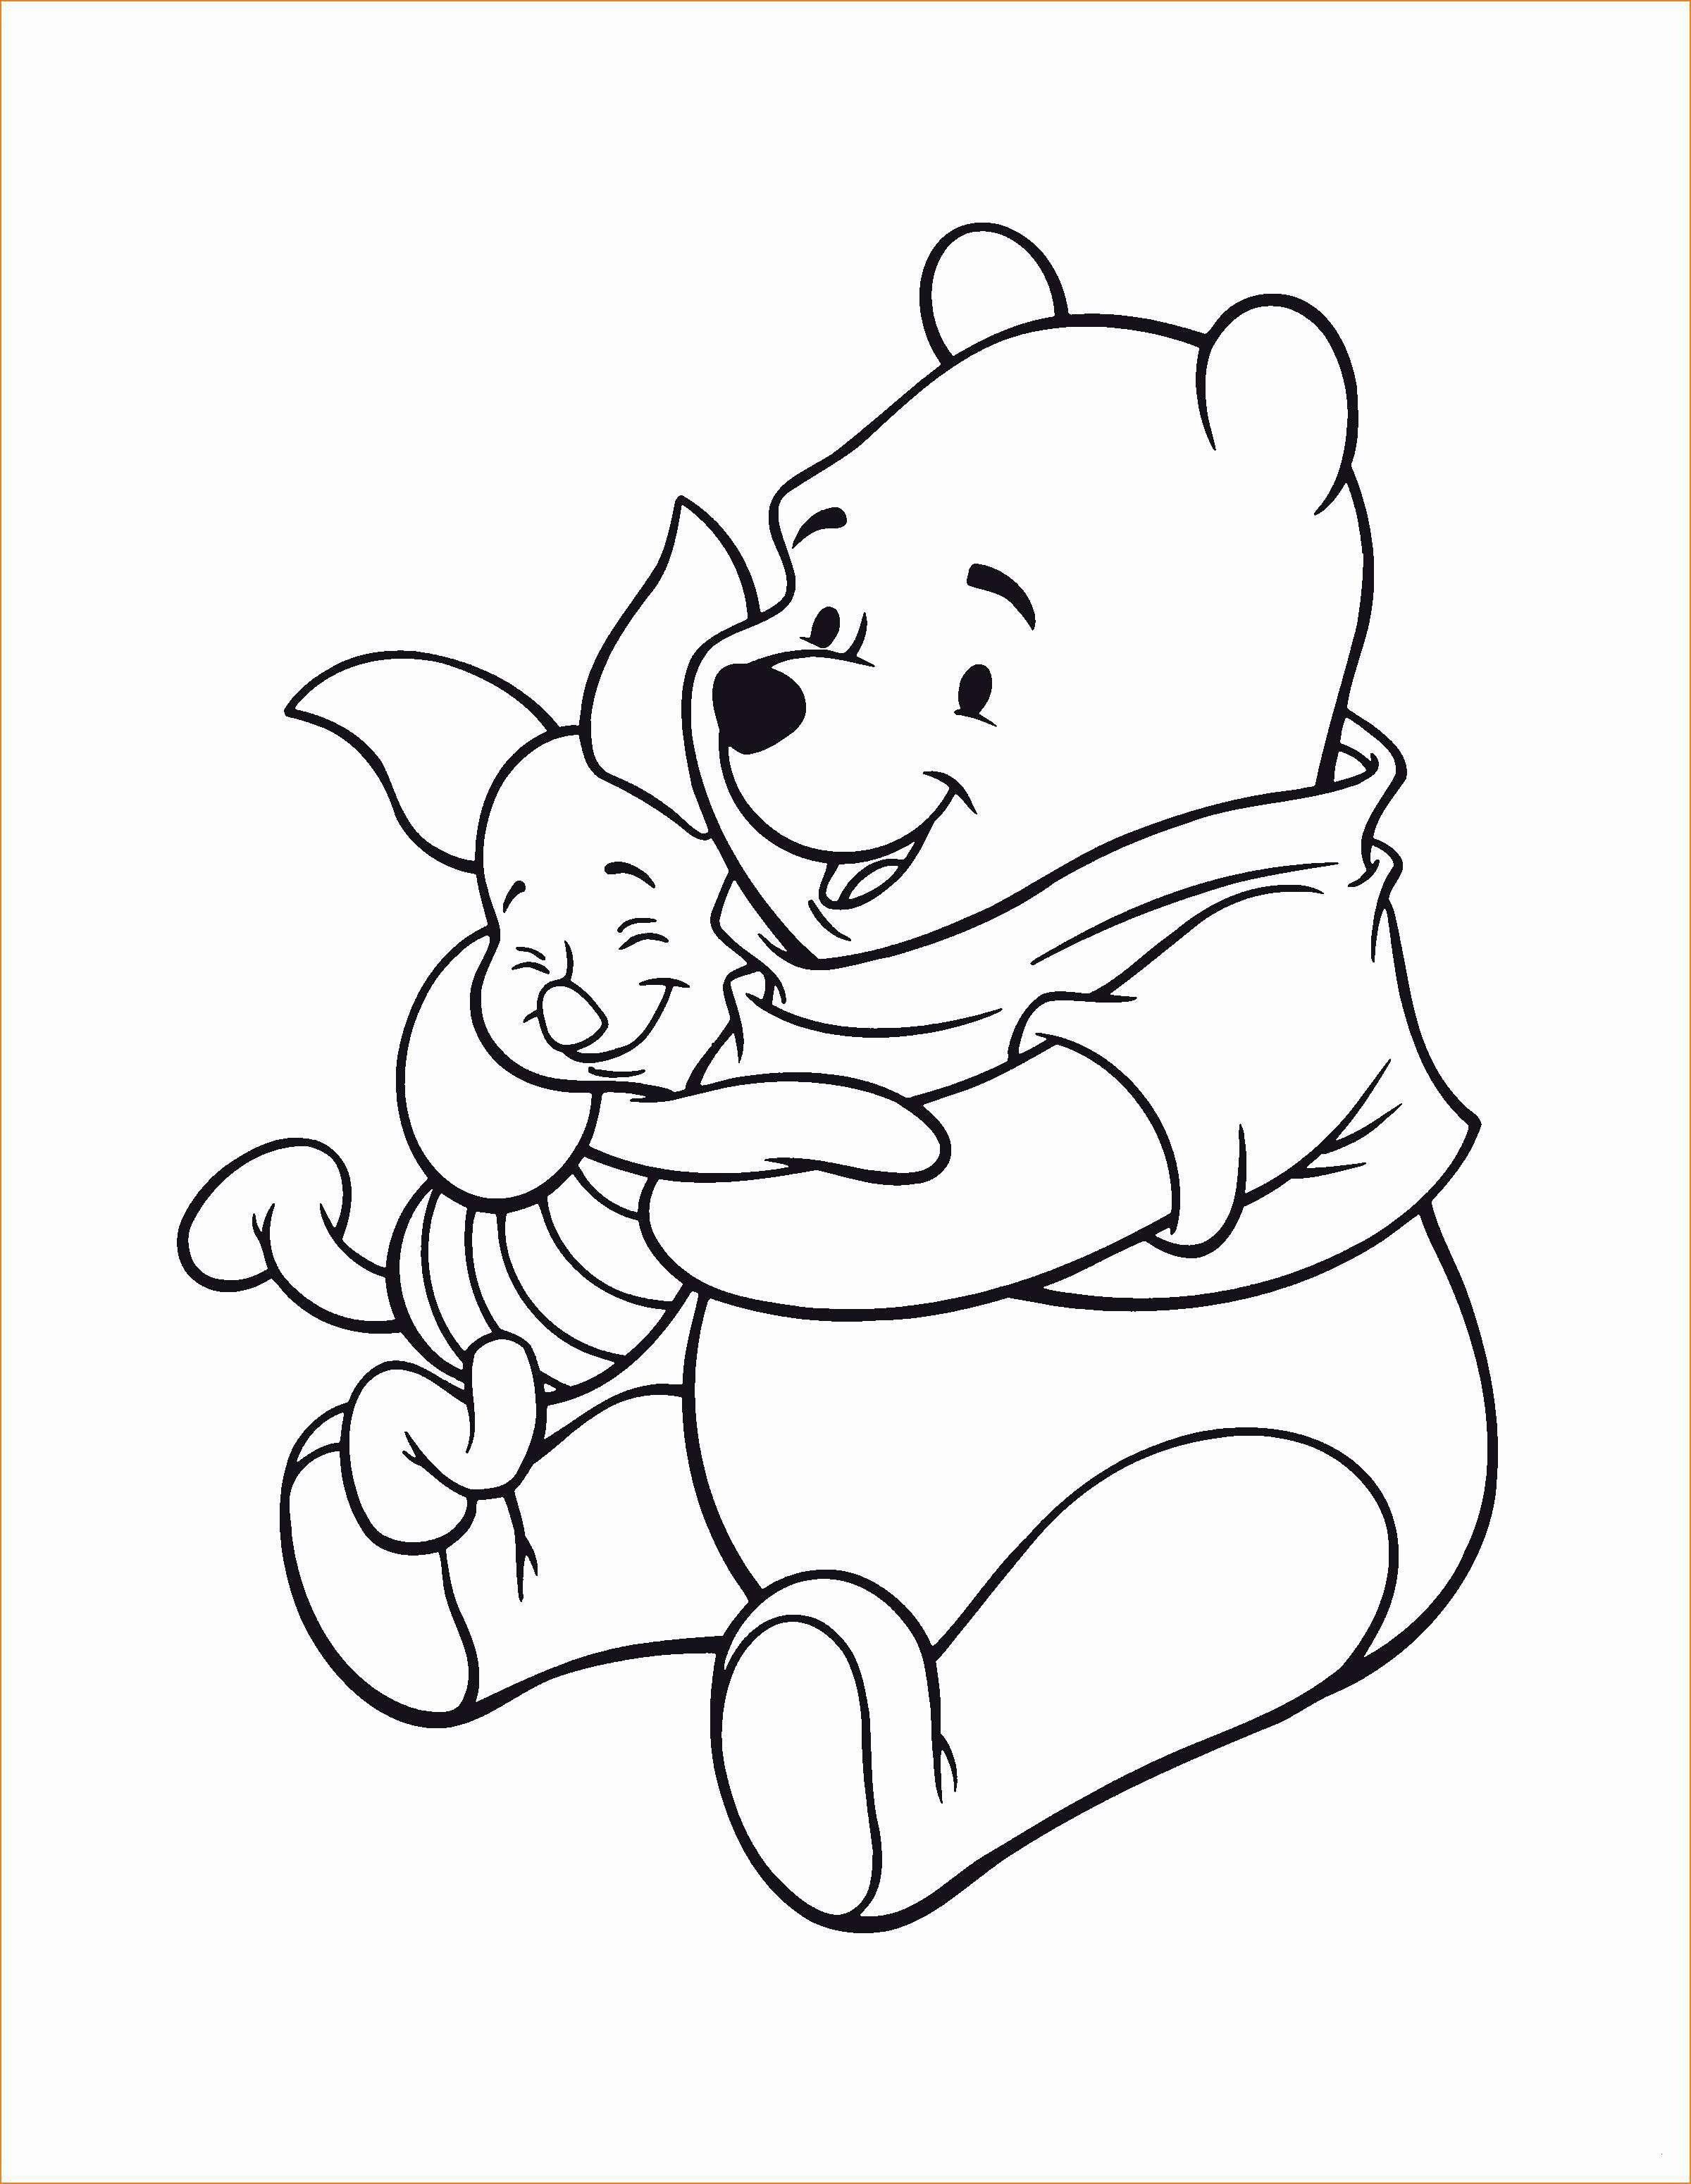 Winnie Pooh Malvorlage Neu 35 Luxus Ausmalbilder Katzenbabys – Malvorlagen Ideen Bilder